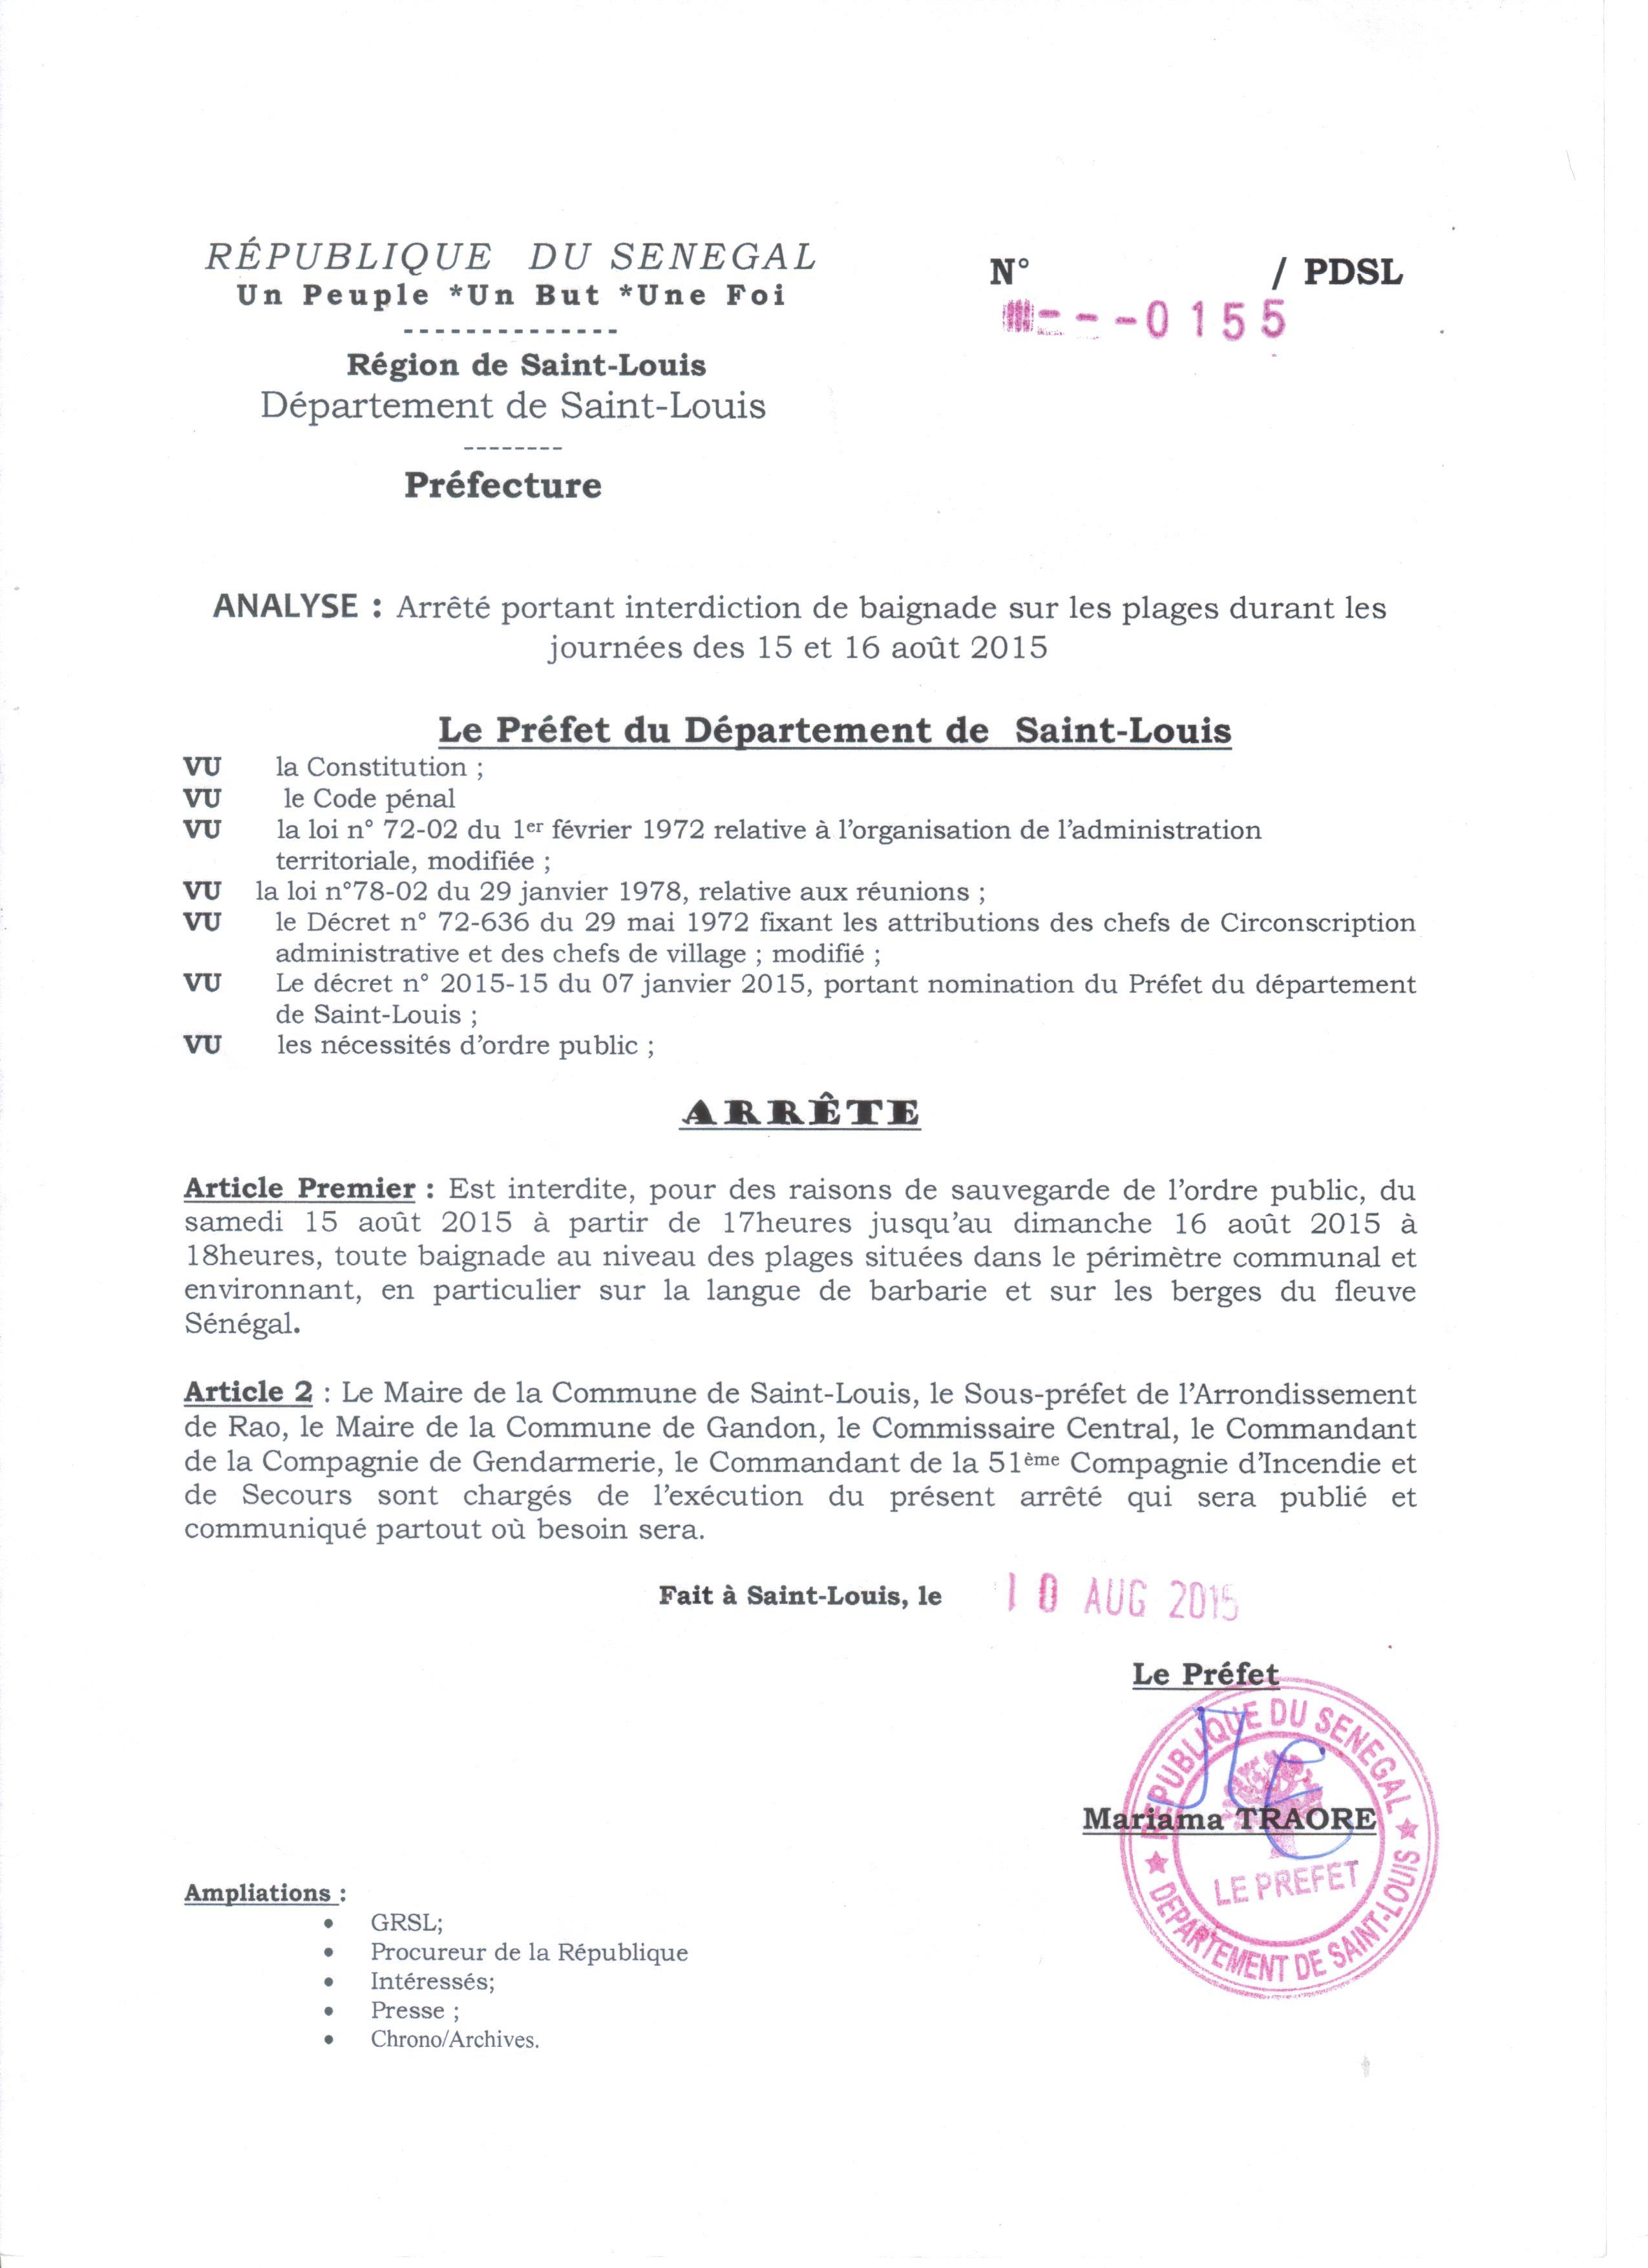 URGENT: Interdiction de la baignade sur les plages de Saint-Louis, le 15 et 16 août 2015 ( arrêté préfectoral).